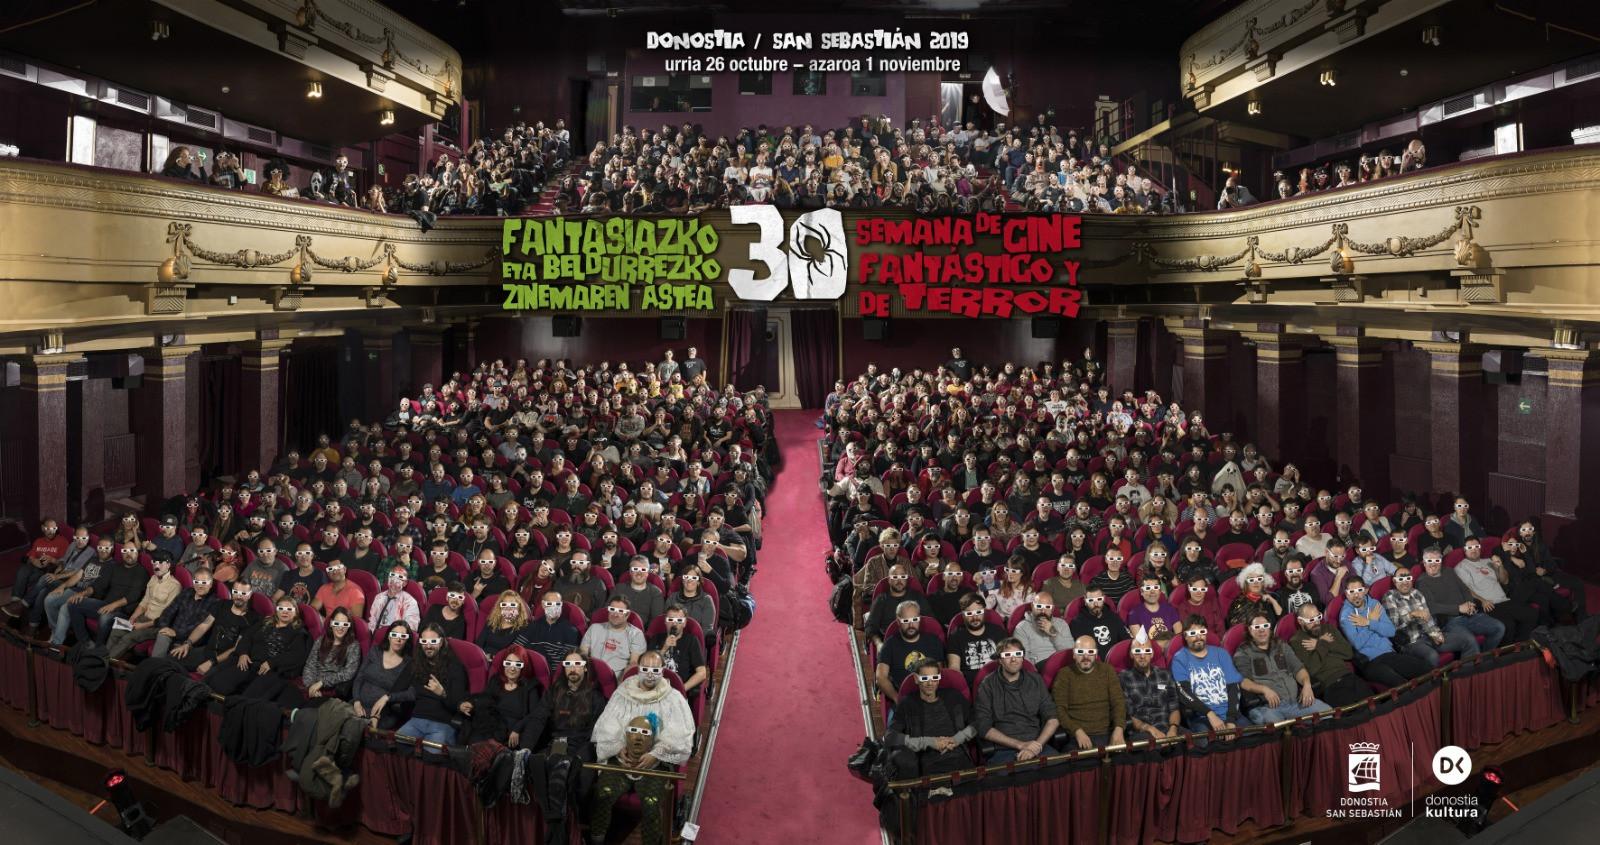 Semana de Cine Fantástico y de Terror de San Sebastian